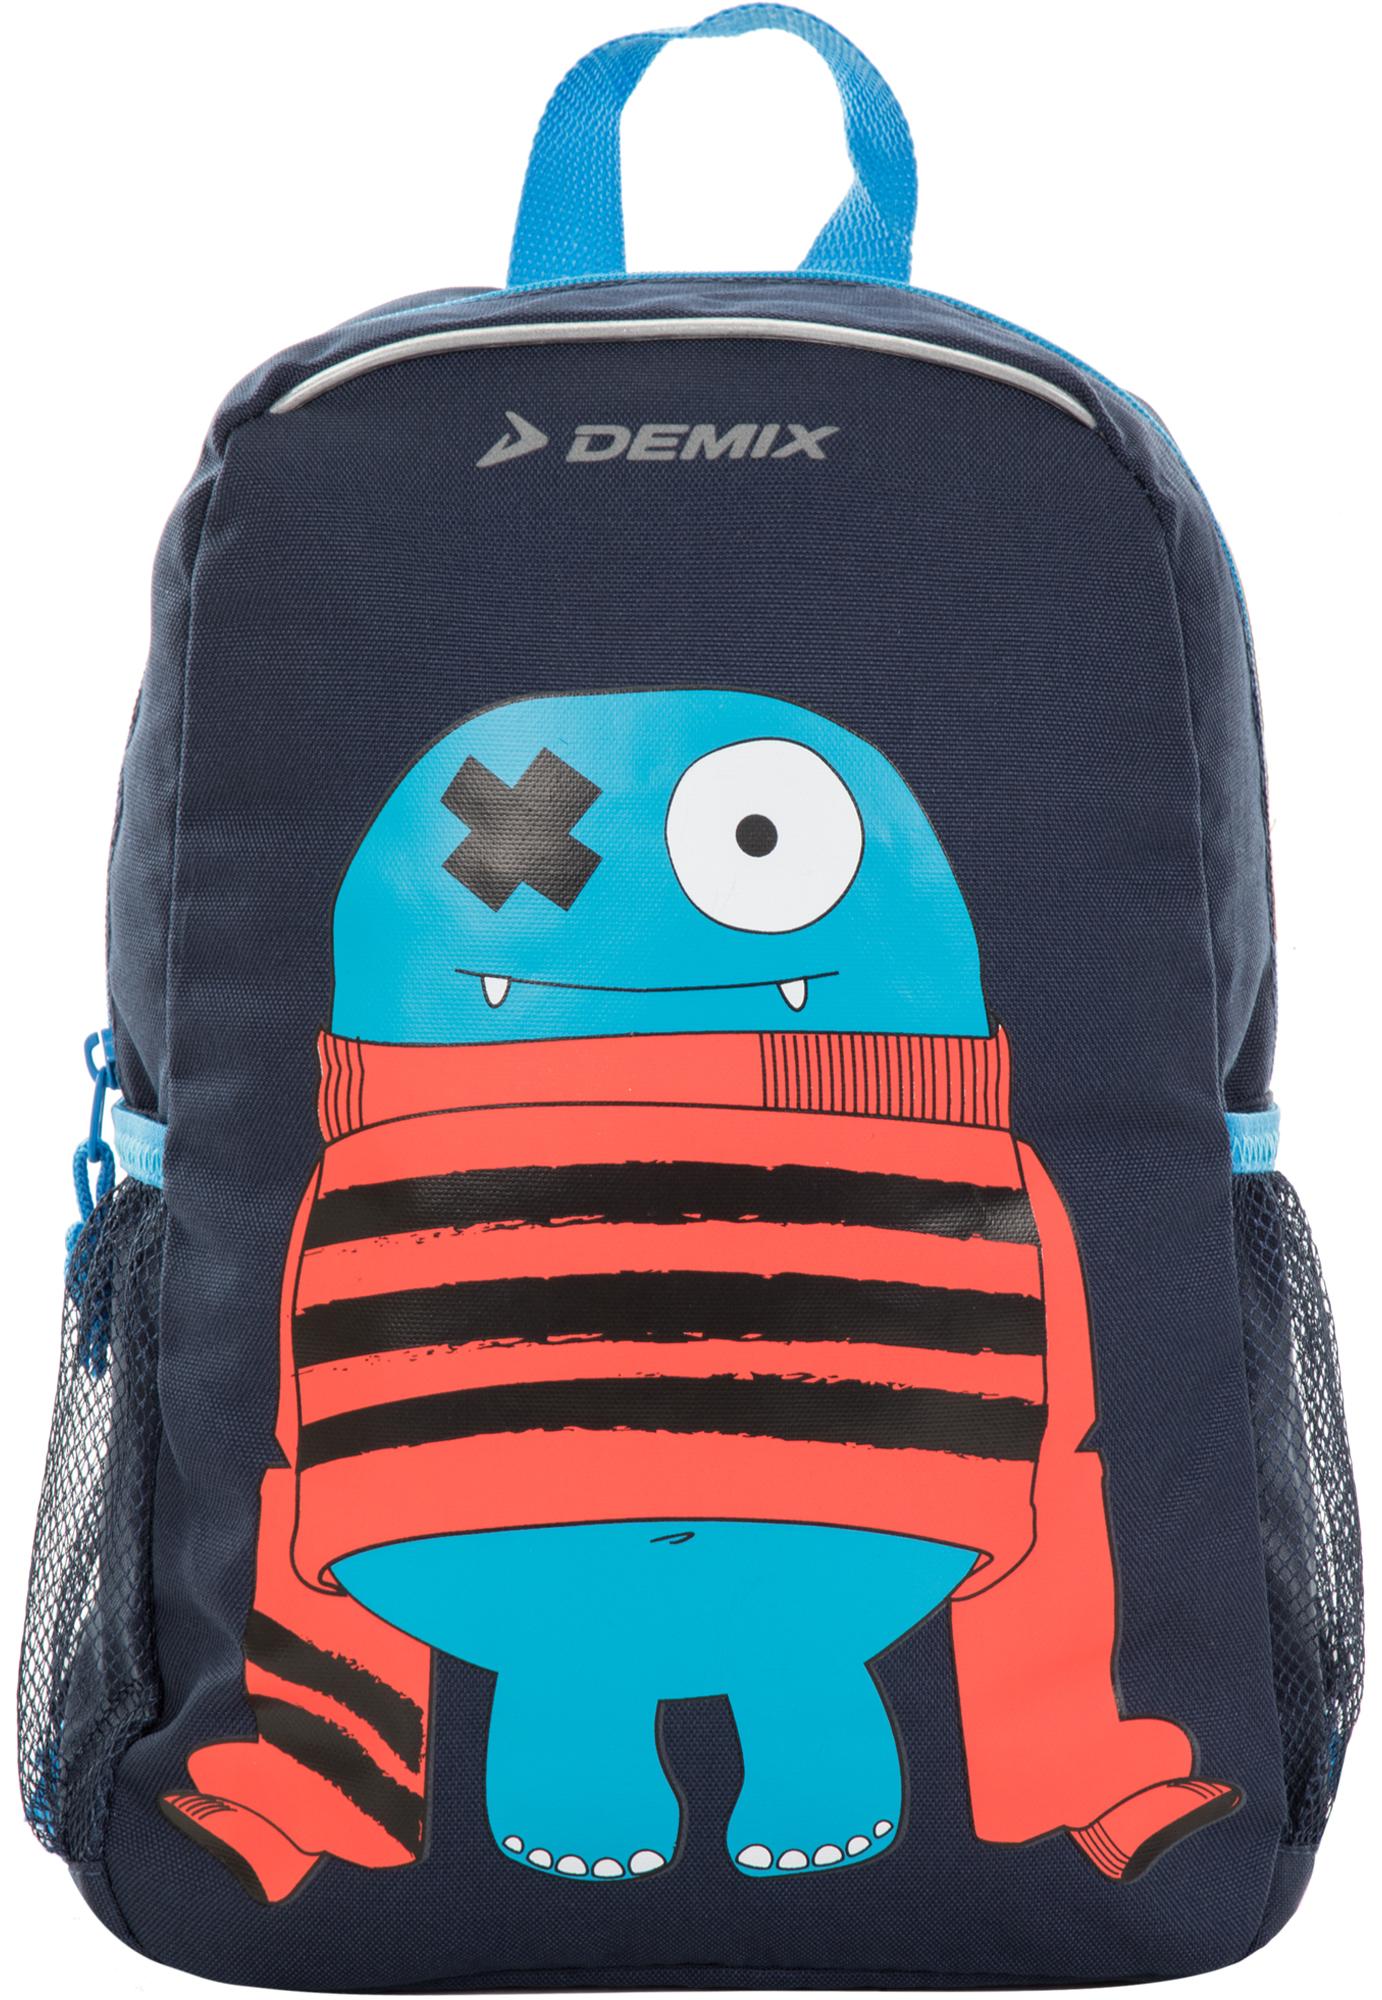 Demix Рюкзак для мальчиков Demix, размер Без размера demix капа demix размер без размера